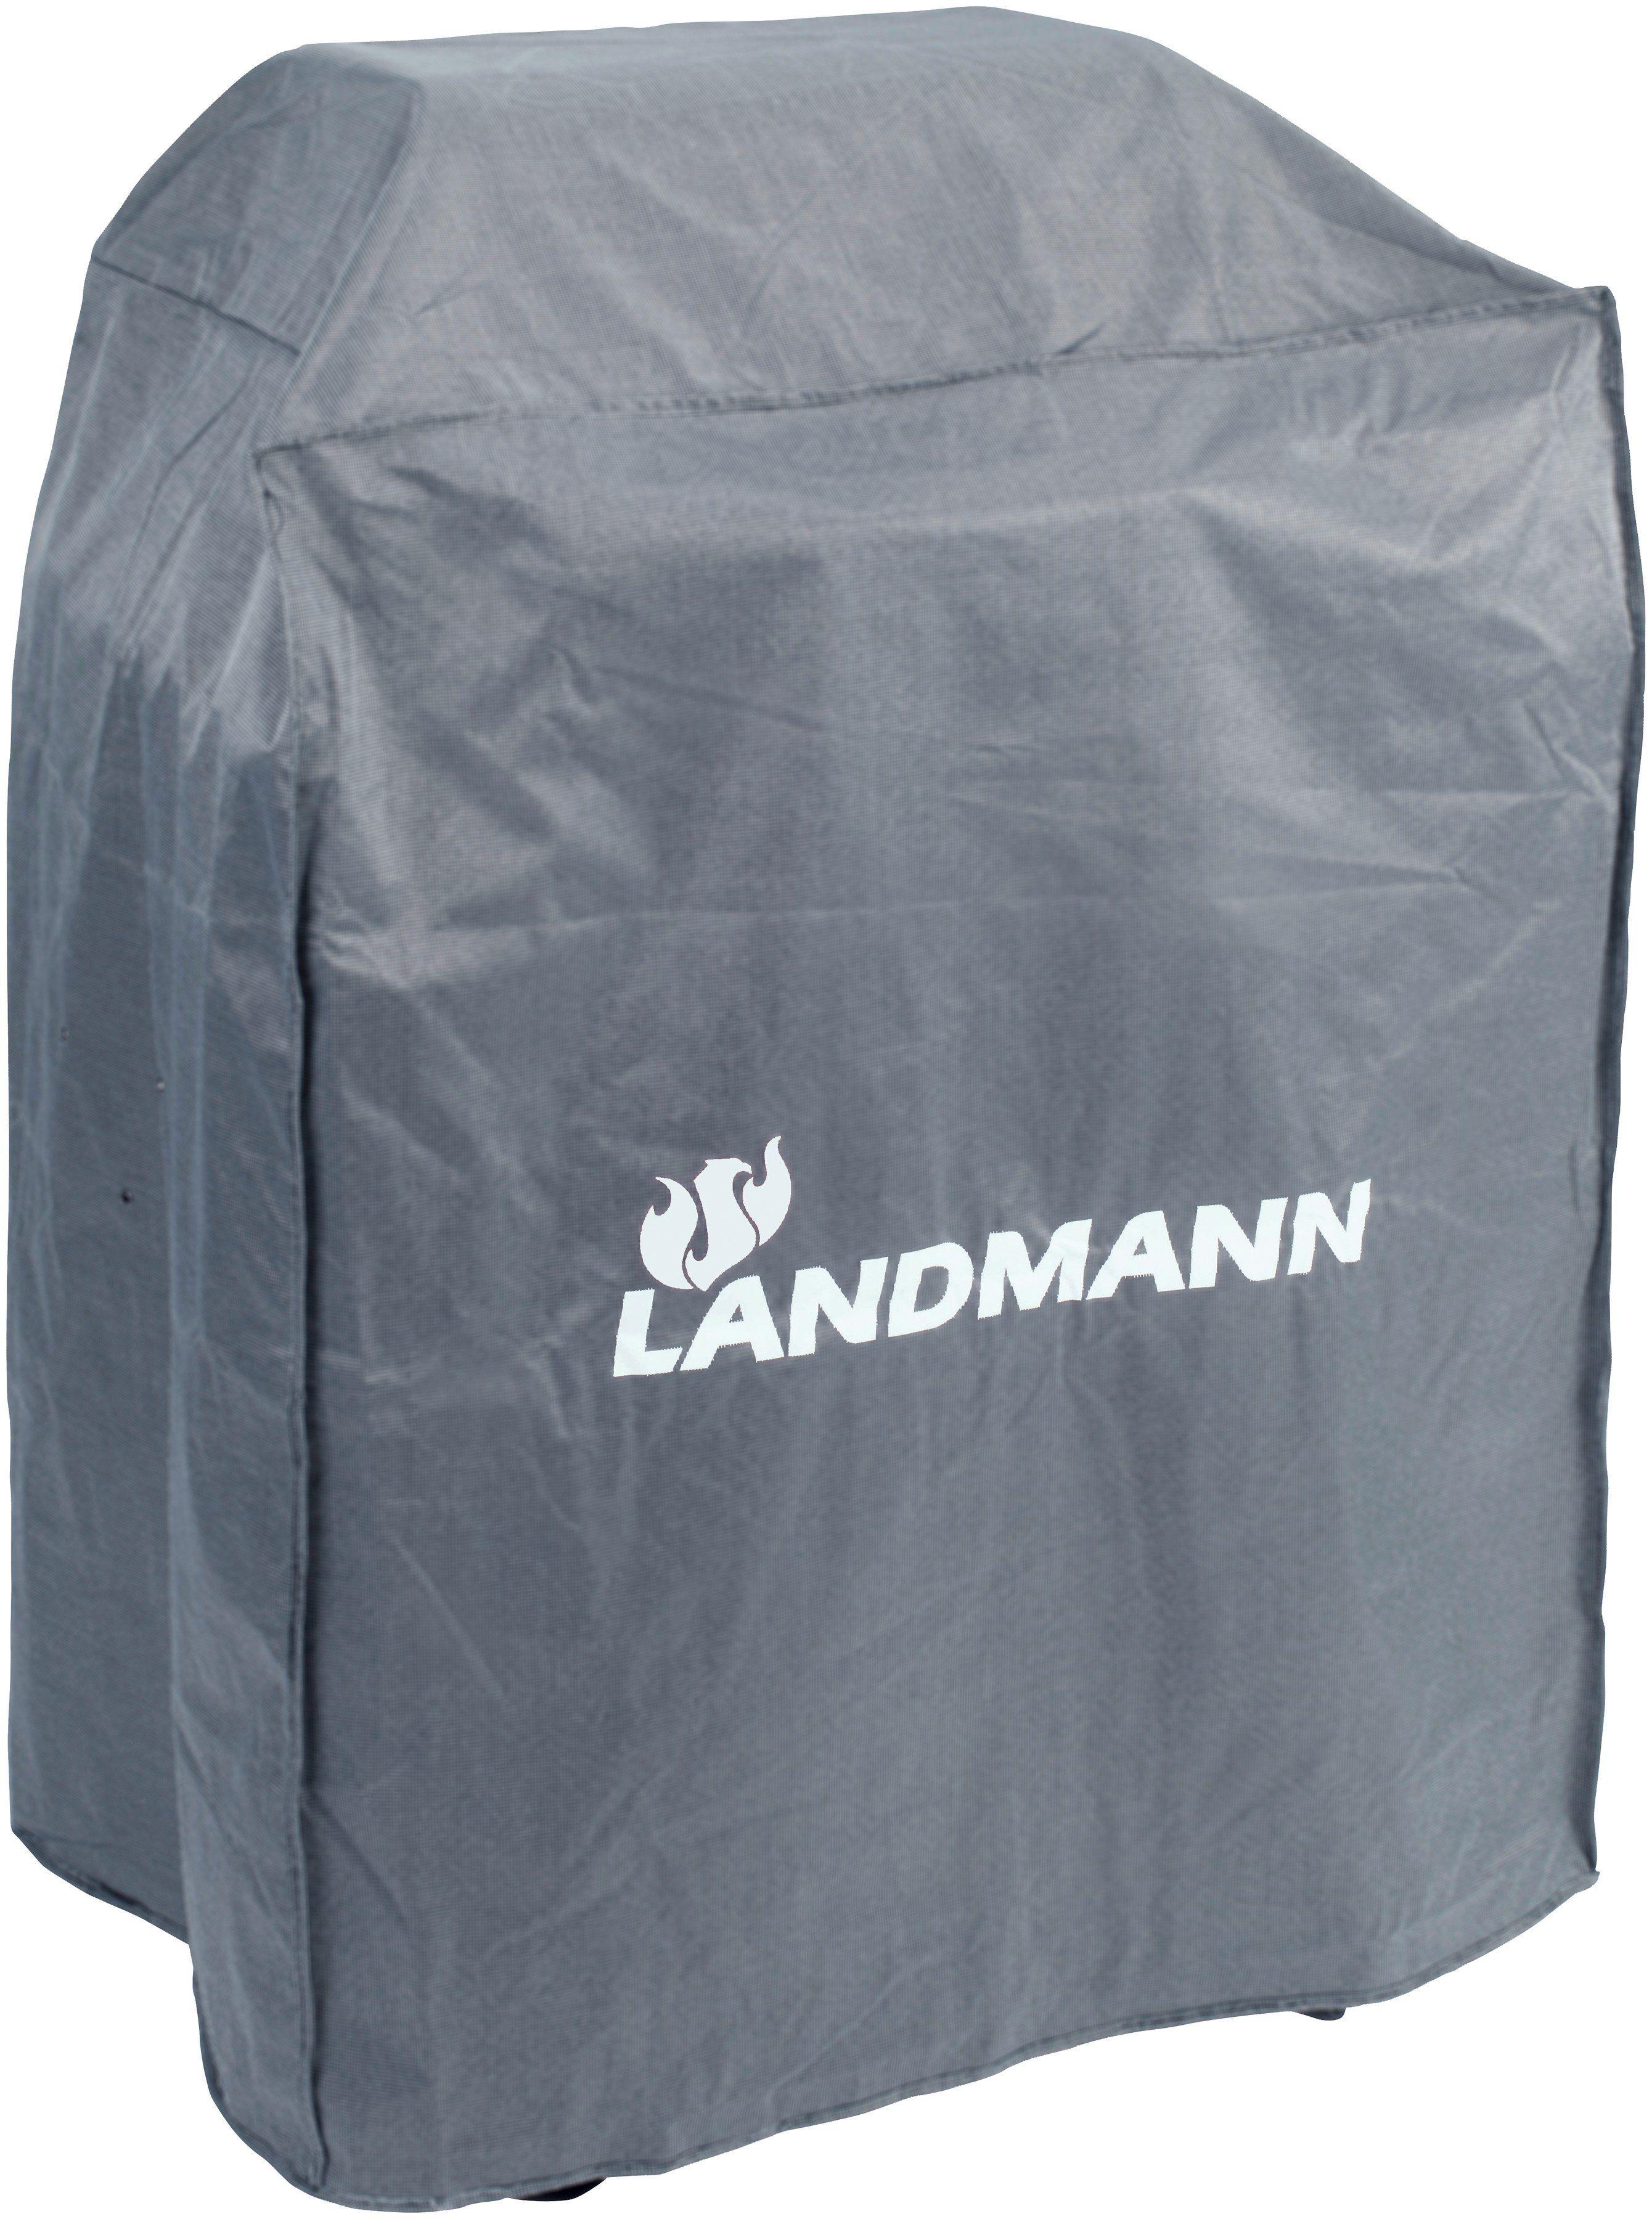 gartenmobel landmann, landmann schutzhülle »premium m«, bxtxh: 80x60x120 cm jetzt, Design ideen